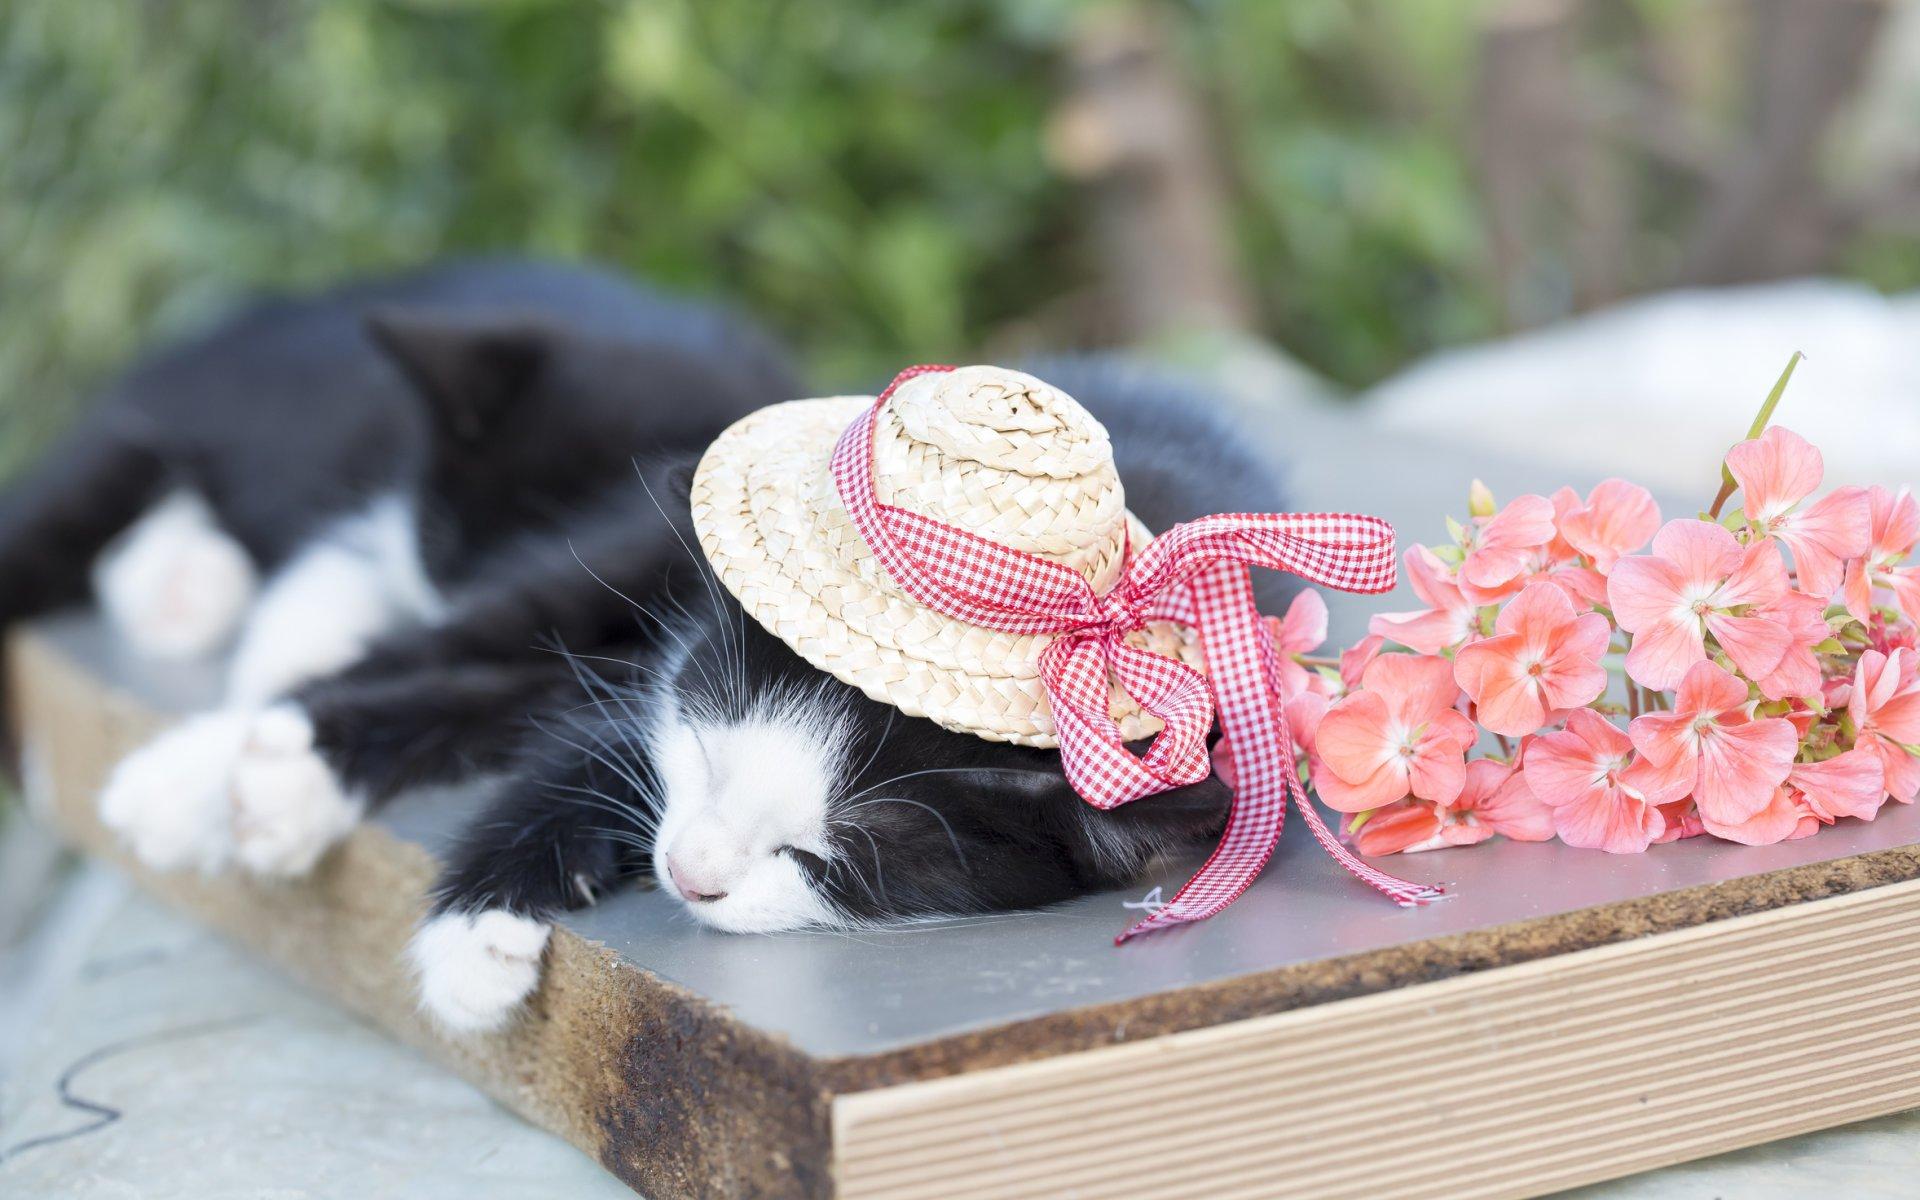 себя узде, красивые фото кошек в шляпе расположения торгового места